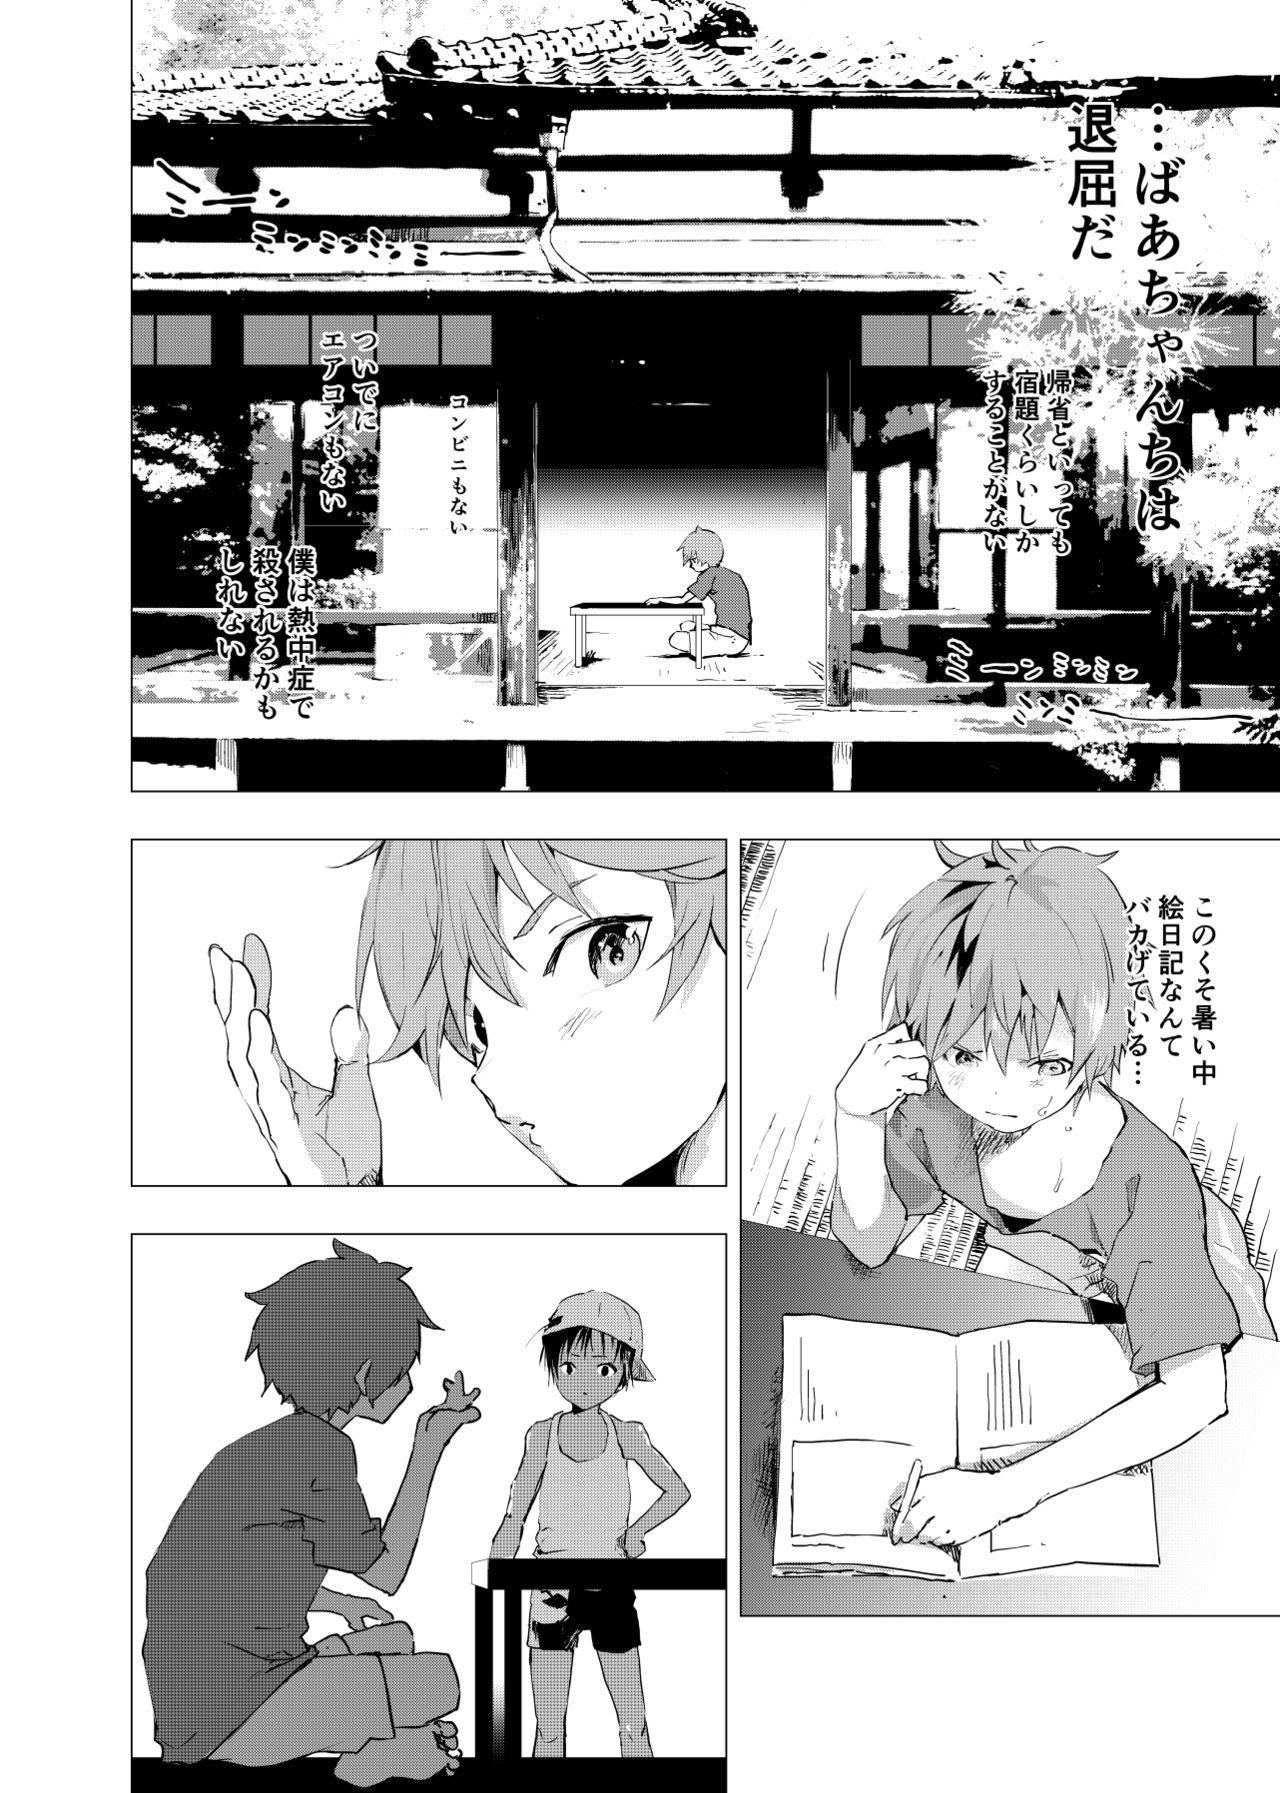 Inaka no Uke Shounen to Tokai no Seme Shounen no Ero Manga 1-6 1